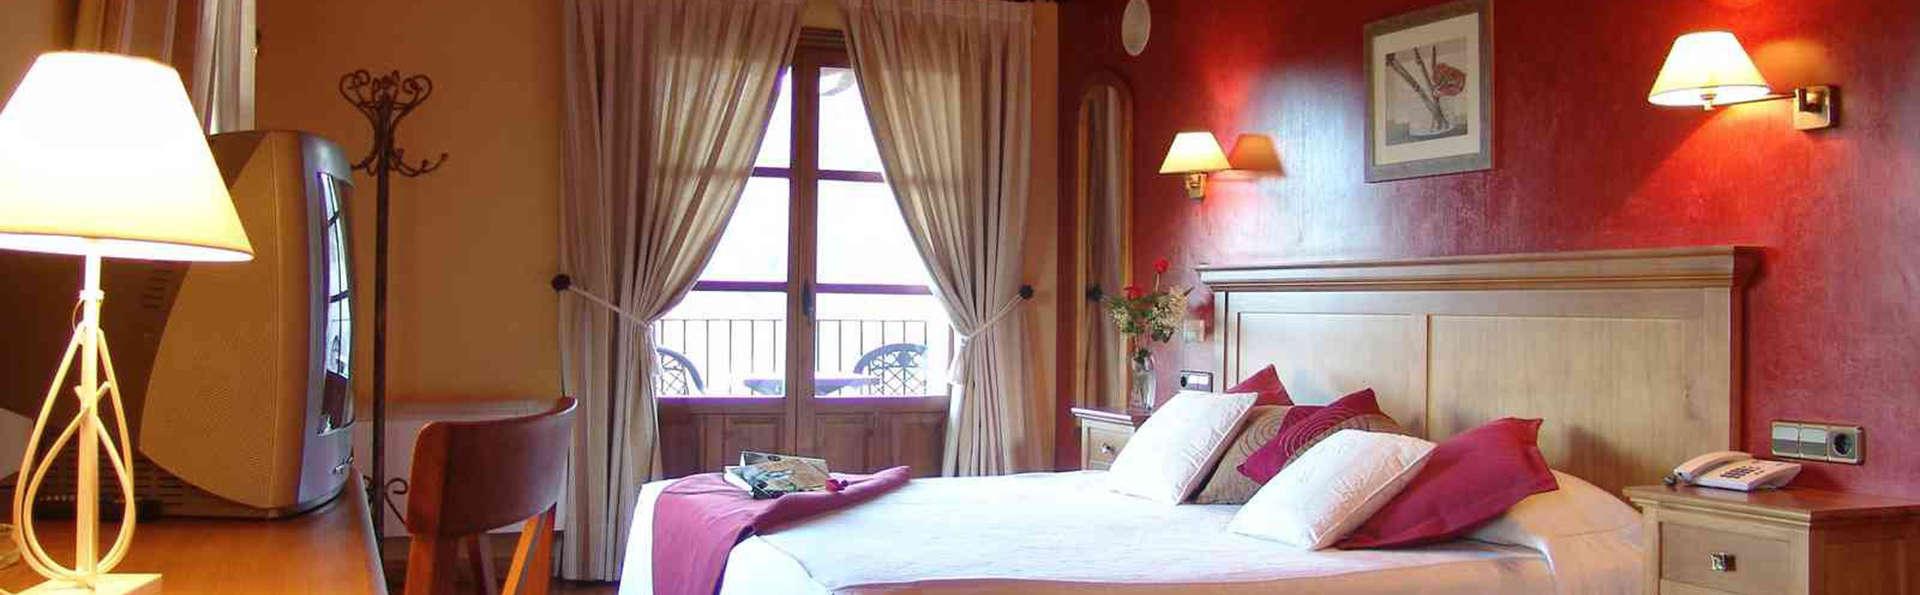 Hotel & Spa Peña Montañesa - EDIT_room6.jpg